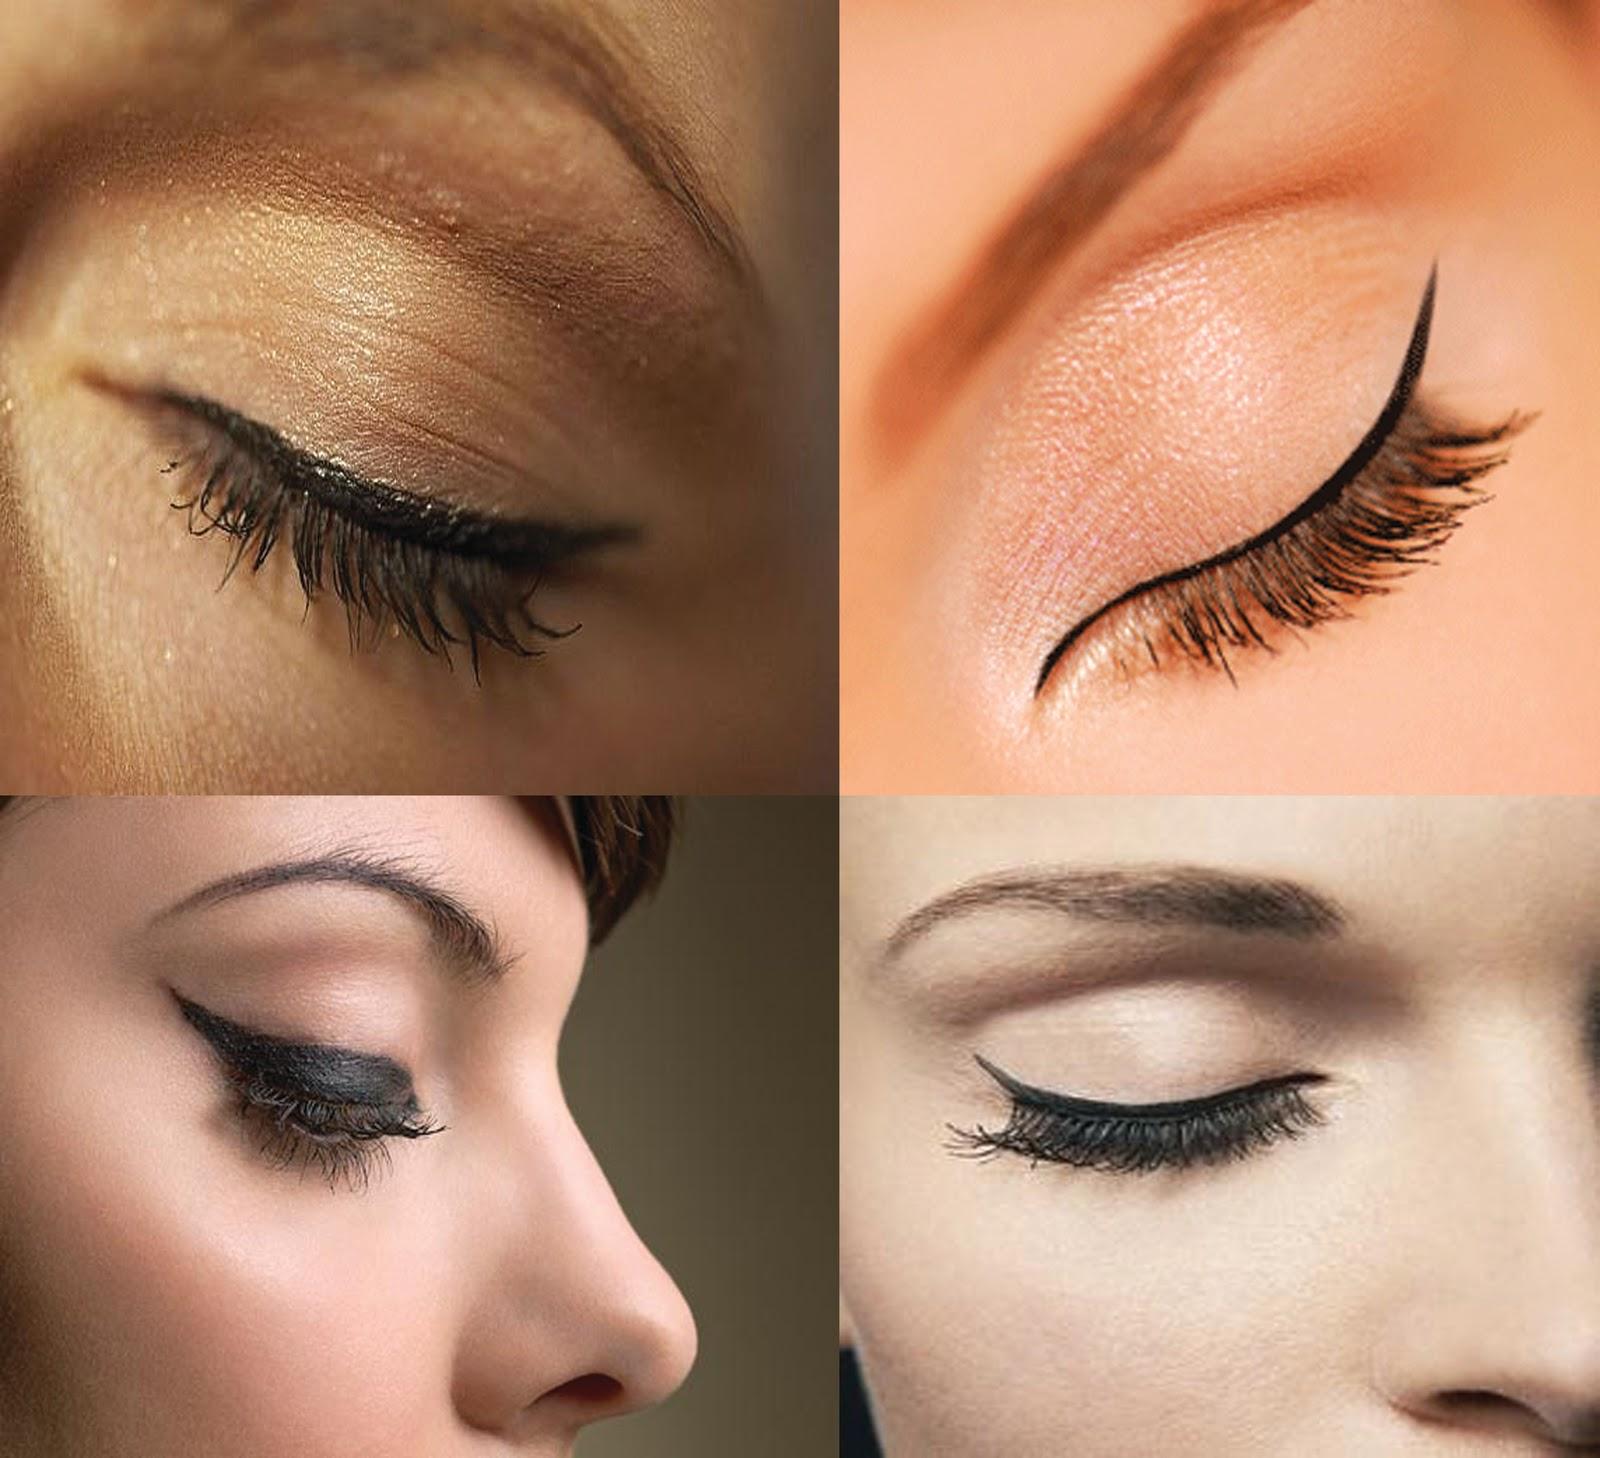 Trucco occhi: come scegliere l'eye-liner